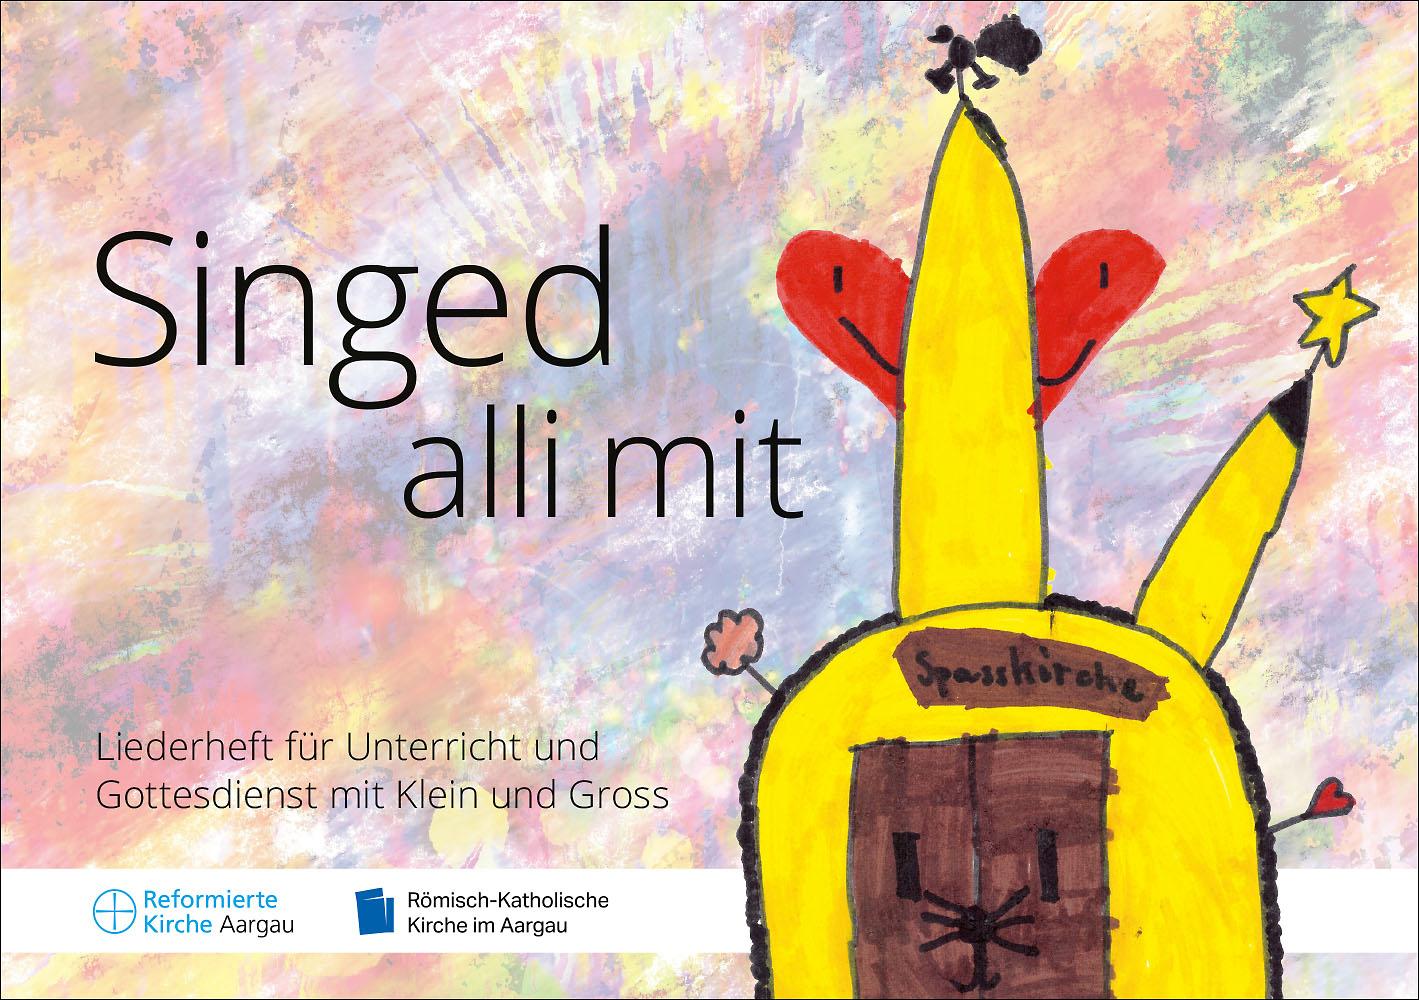 Singed alli mit – Liederheft für Unterricht und Gottesdienst mit Klein und Gross – Reformierte Landeskirche Aargau und Römisch-Katholische Kirche im Aargau